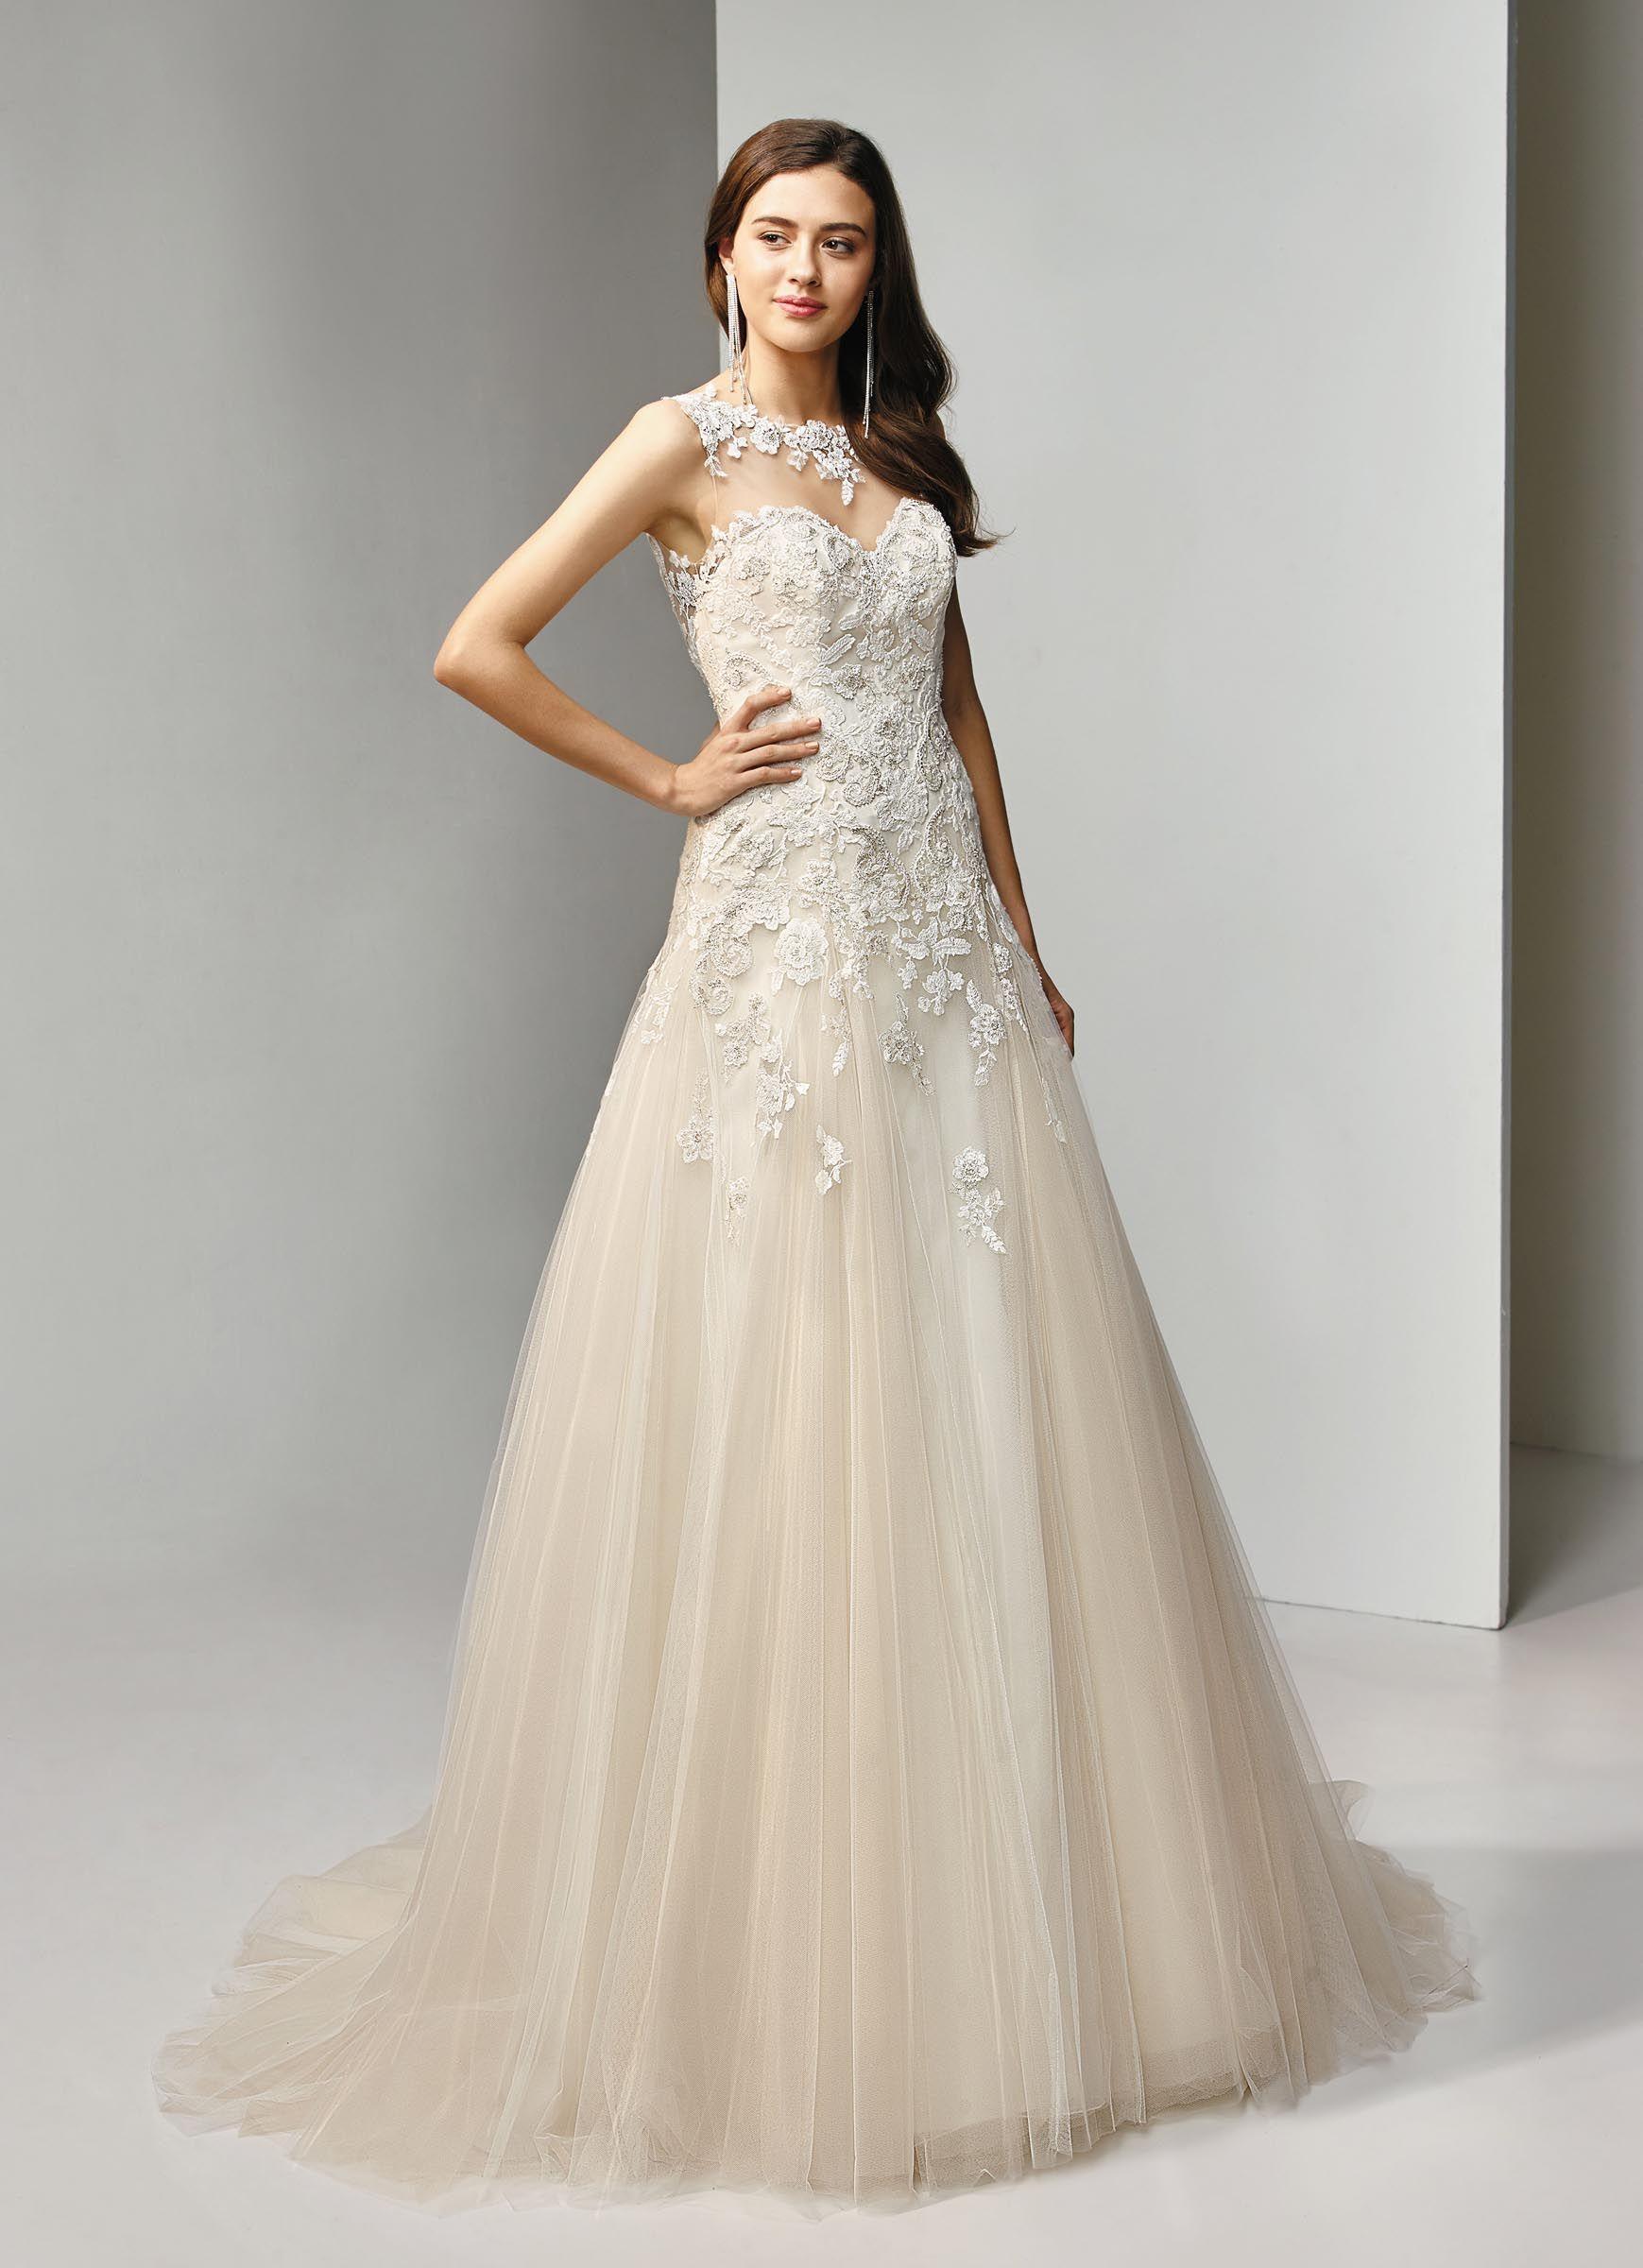 Brautkleid in A-Linie und Blush mit Spitze, Blüten und Tattoo